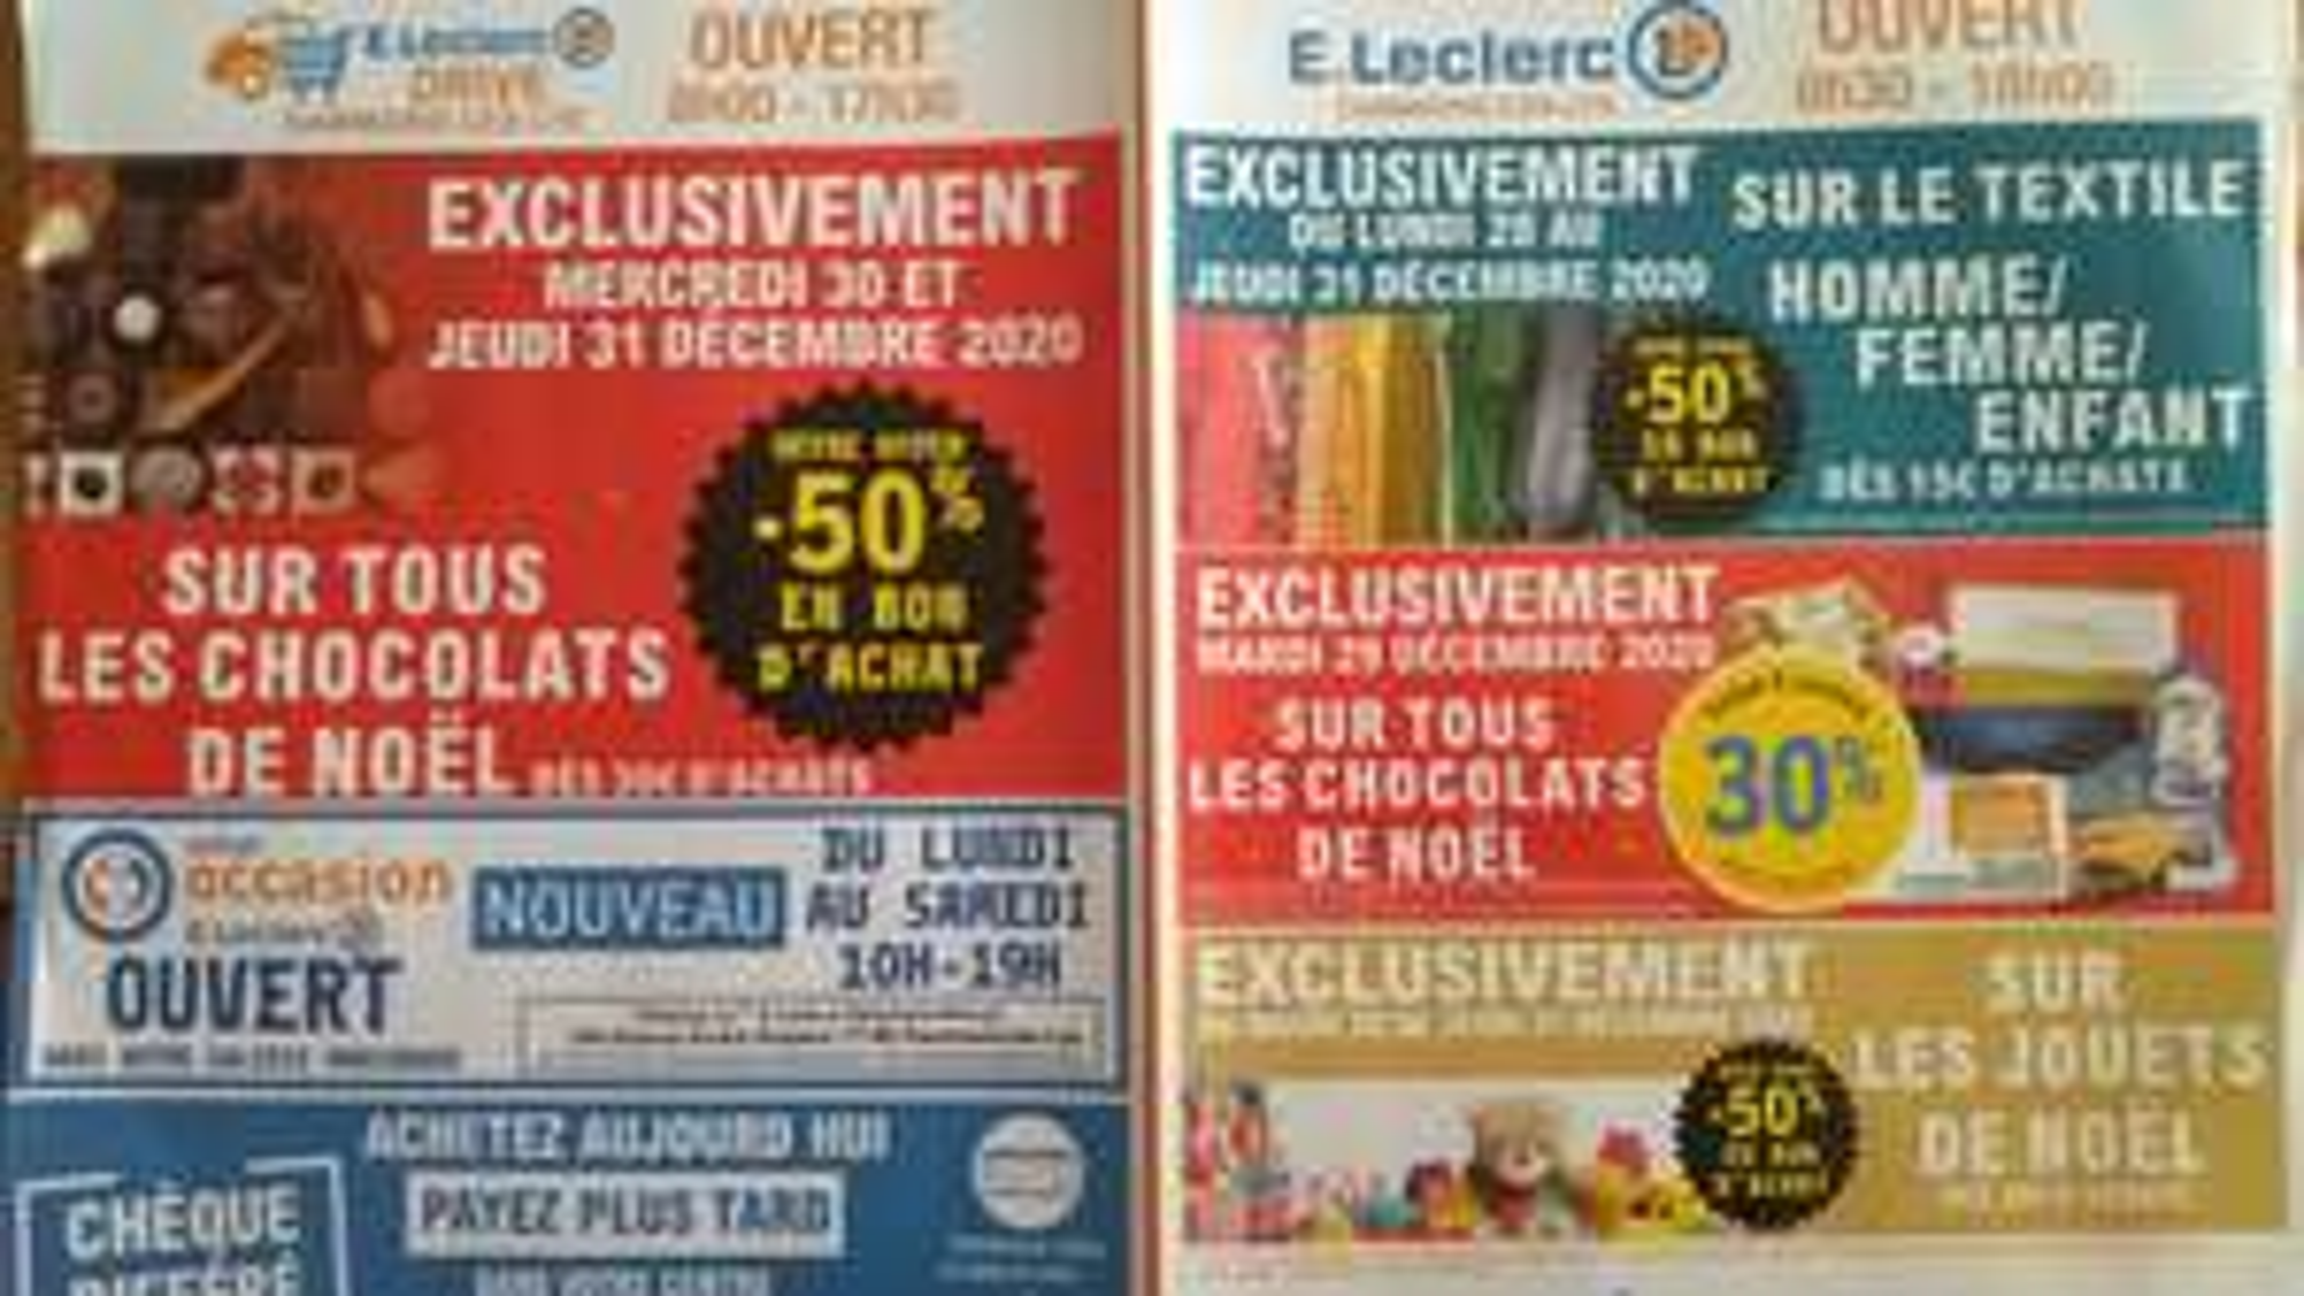 Sélection d'offres promotionnelles - Ex: 50% du montant crédités en bon d'achat dès 30€ d'achat sur les jouets - Dammarie Les Lys (77)